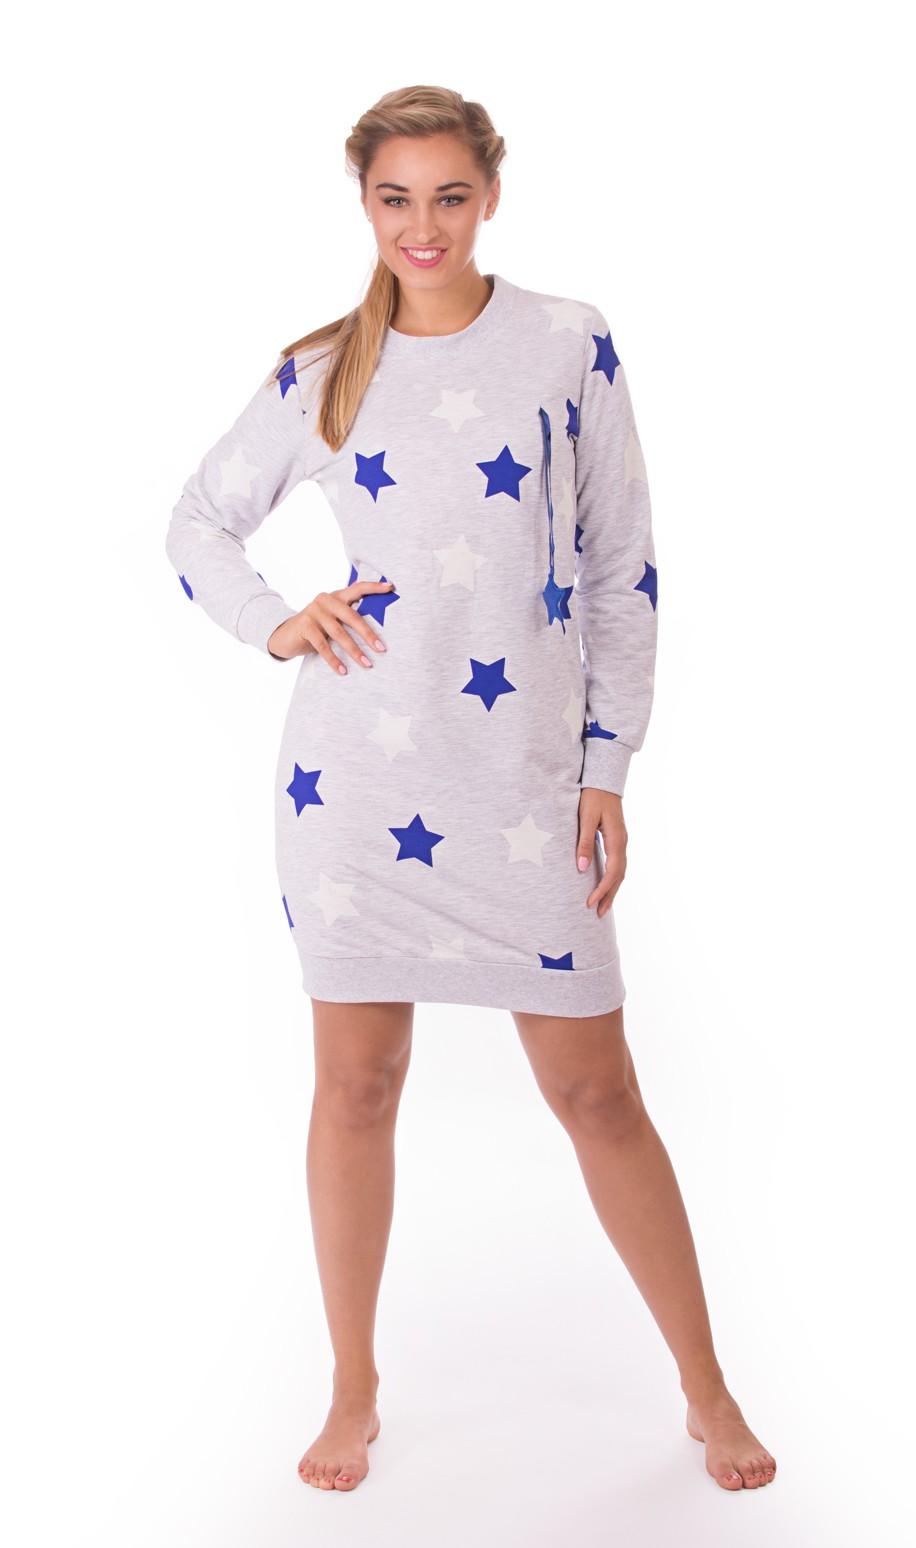 1dff5616324 Dámské sportovní šaty s dlouhým rukávem Vienetta Secret Hvězdy ...